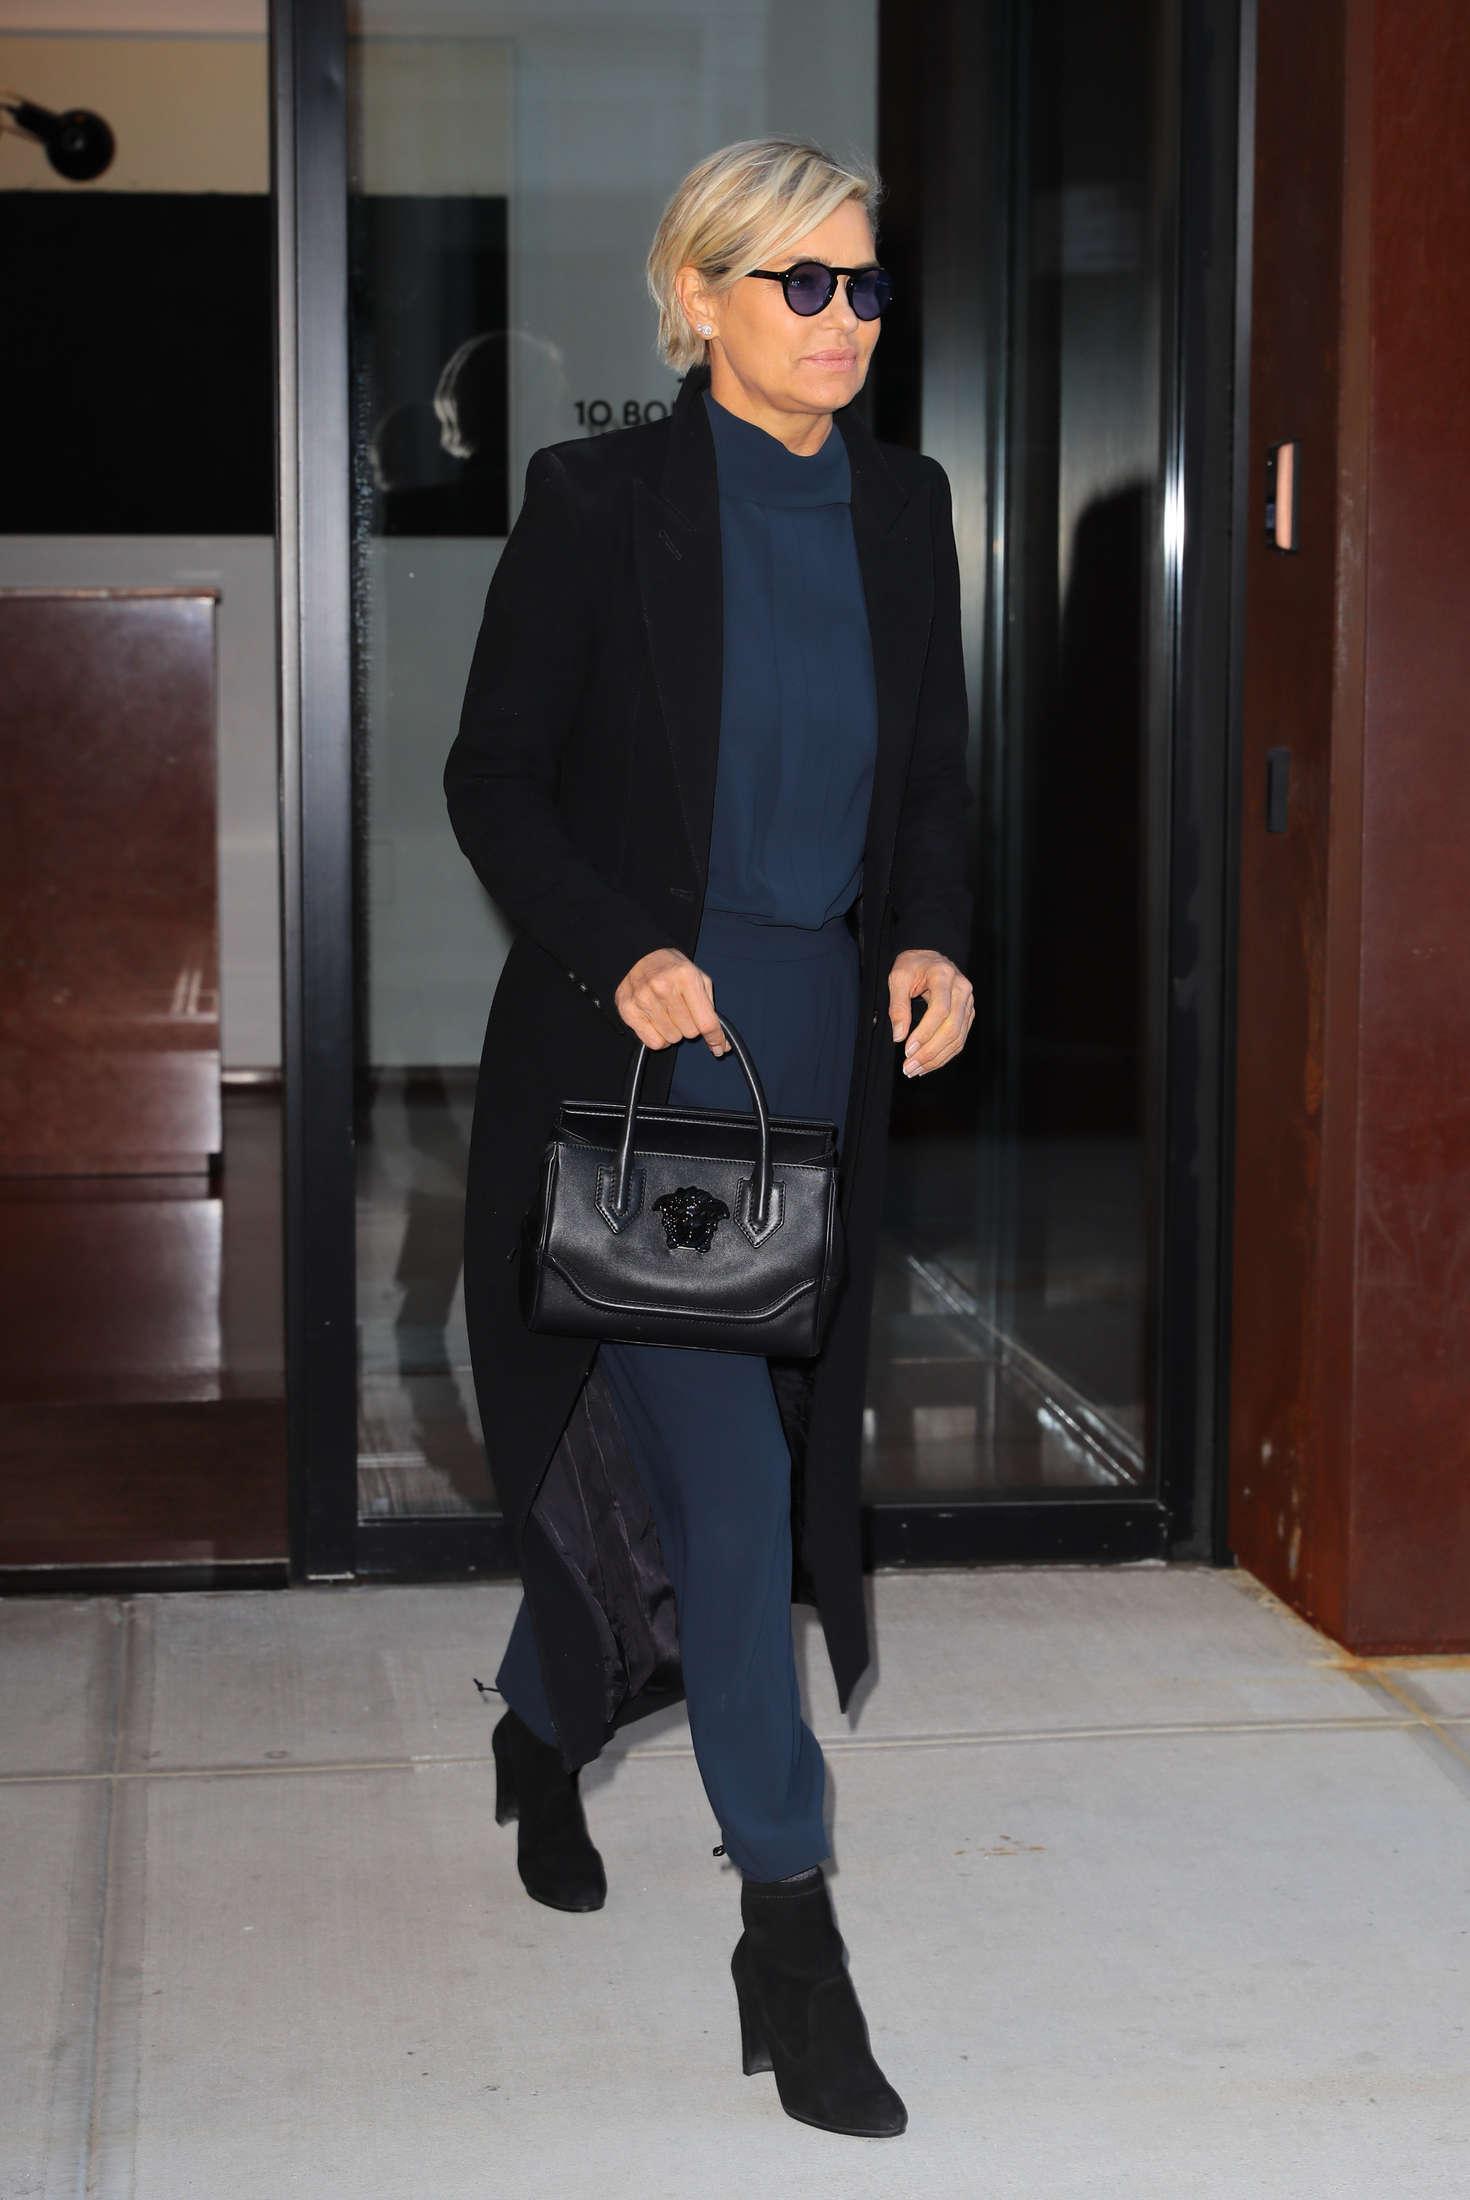 Yolanda Hadid 2016 : Yolanda Hadid Leaves home in New York -05